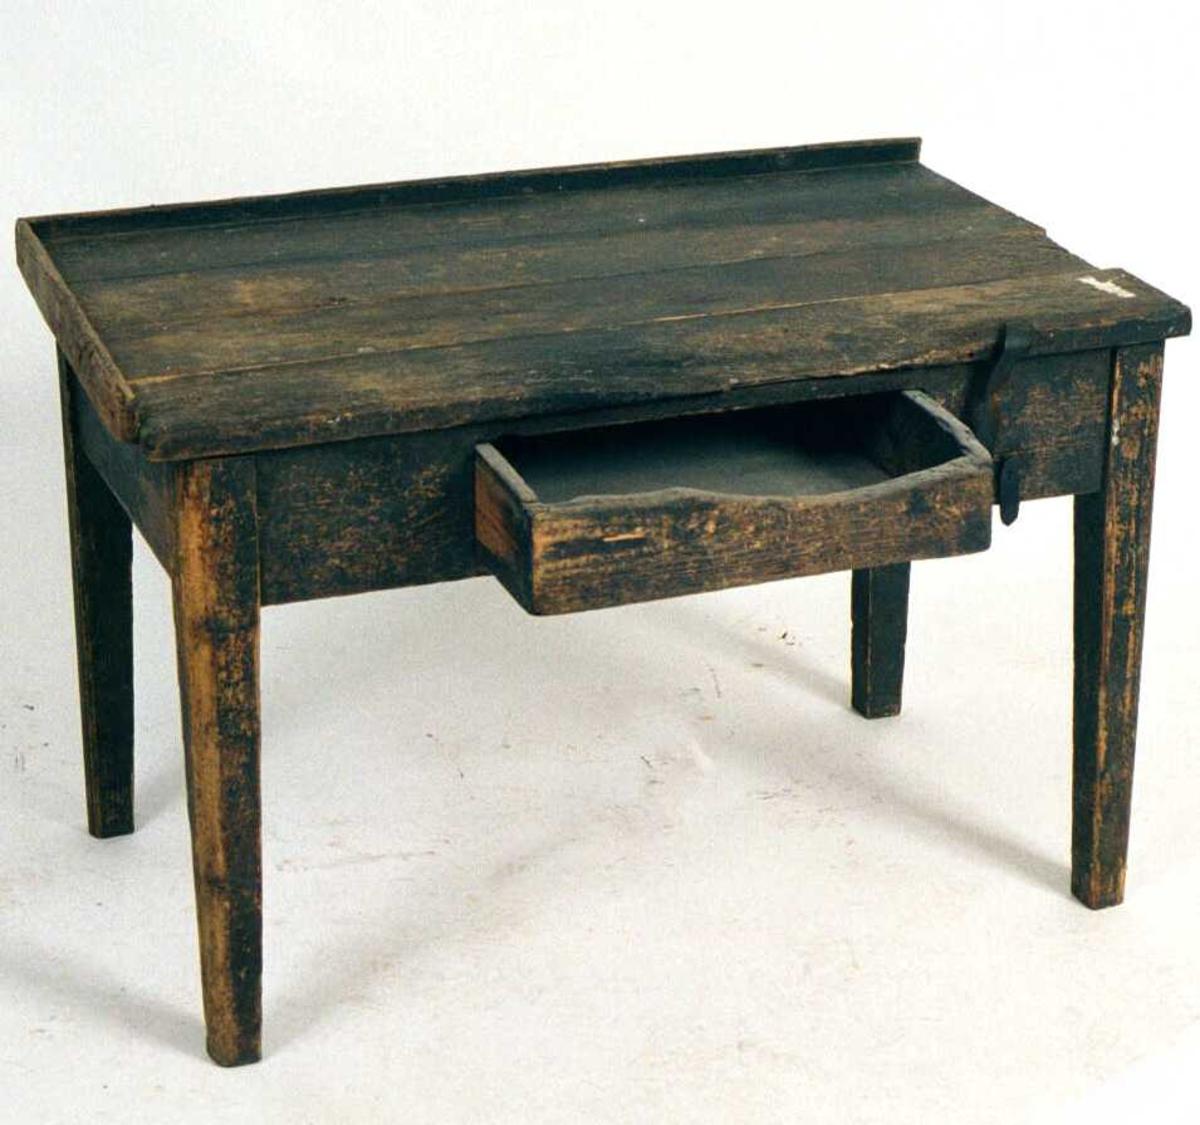 Skomakerbord .  Furu,  sort malt.   Rektangulært  bord med rette ben, bordplate av  fire planker på langs, den fremste svært slitt  i forkant. Karm på to sider, karmen borte på den ene kortside. I forkant th. en rem, midt  i sargen en skuff, sterkt avslitt i kanten øverst  Bordplatens bord er løse.